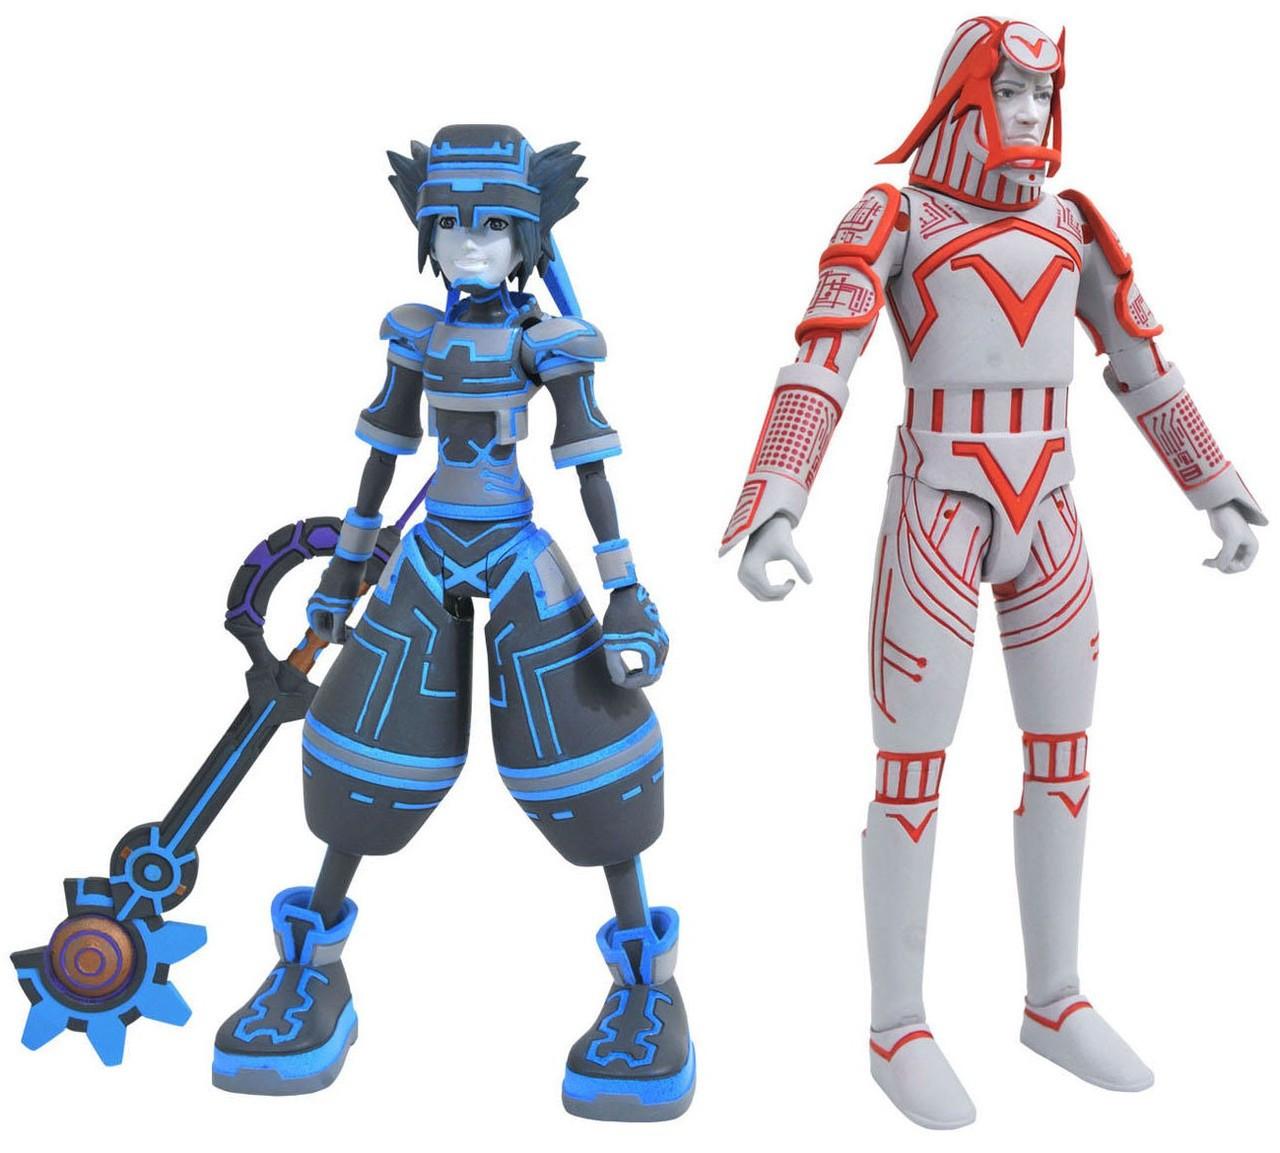 New Bring Arts Kingdom Hearts 2 Sora Donald Duck Goofy PVC Figure Toy No Box